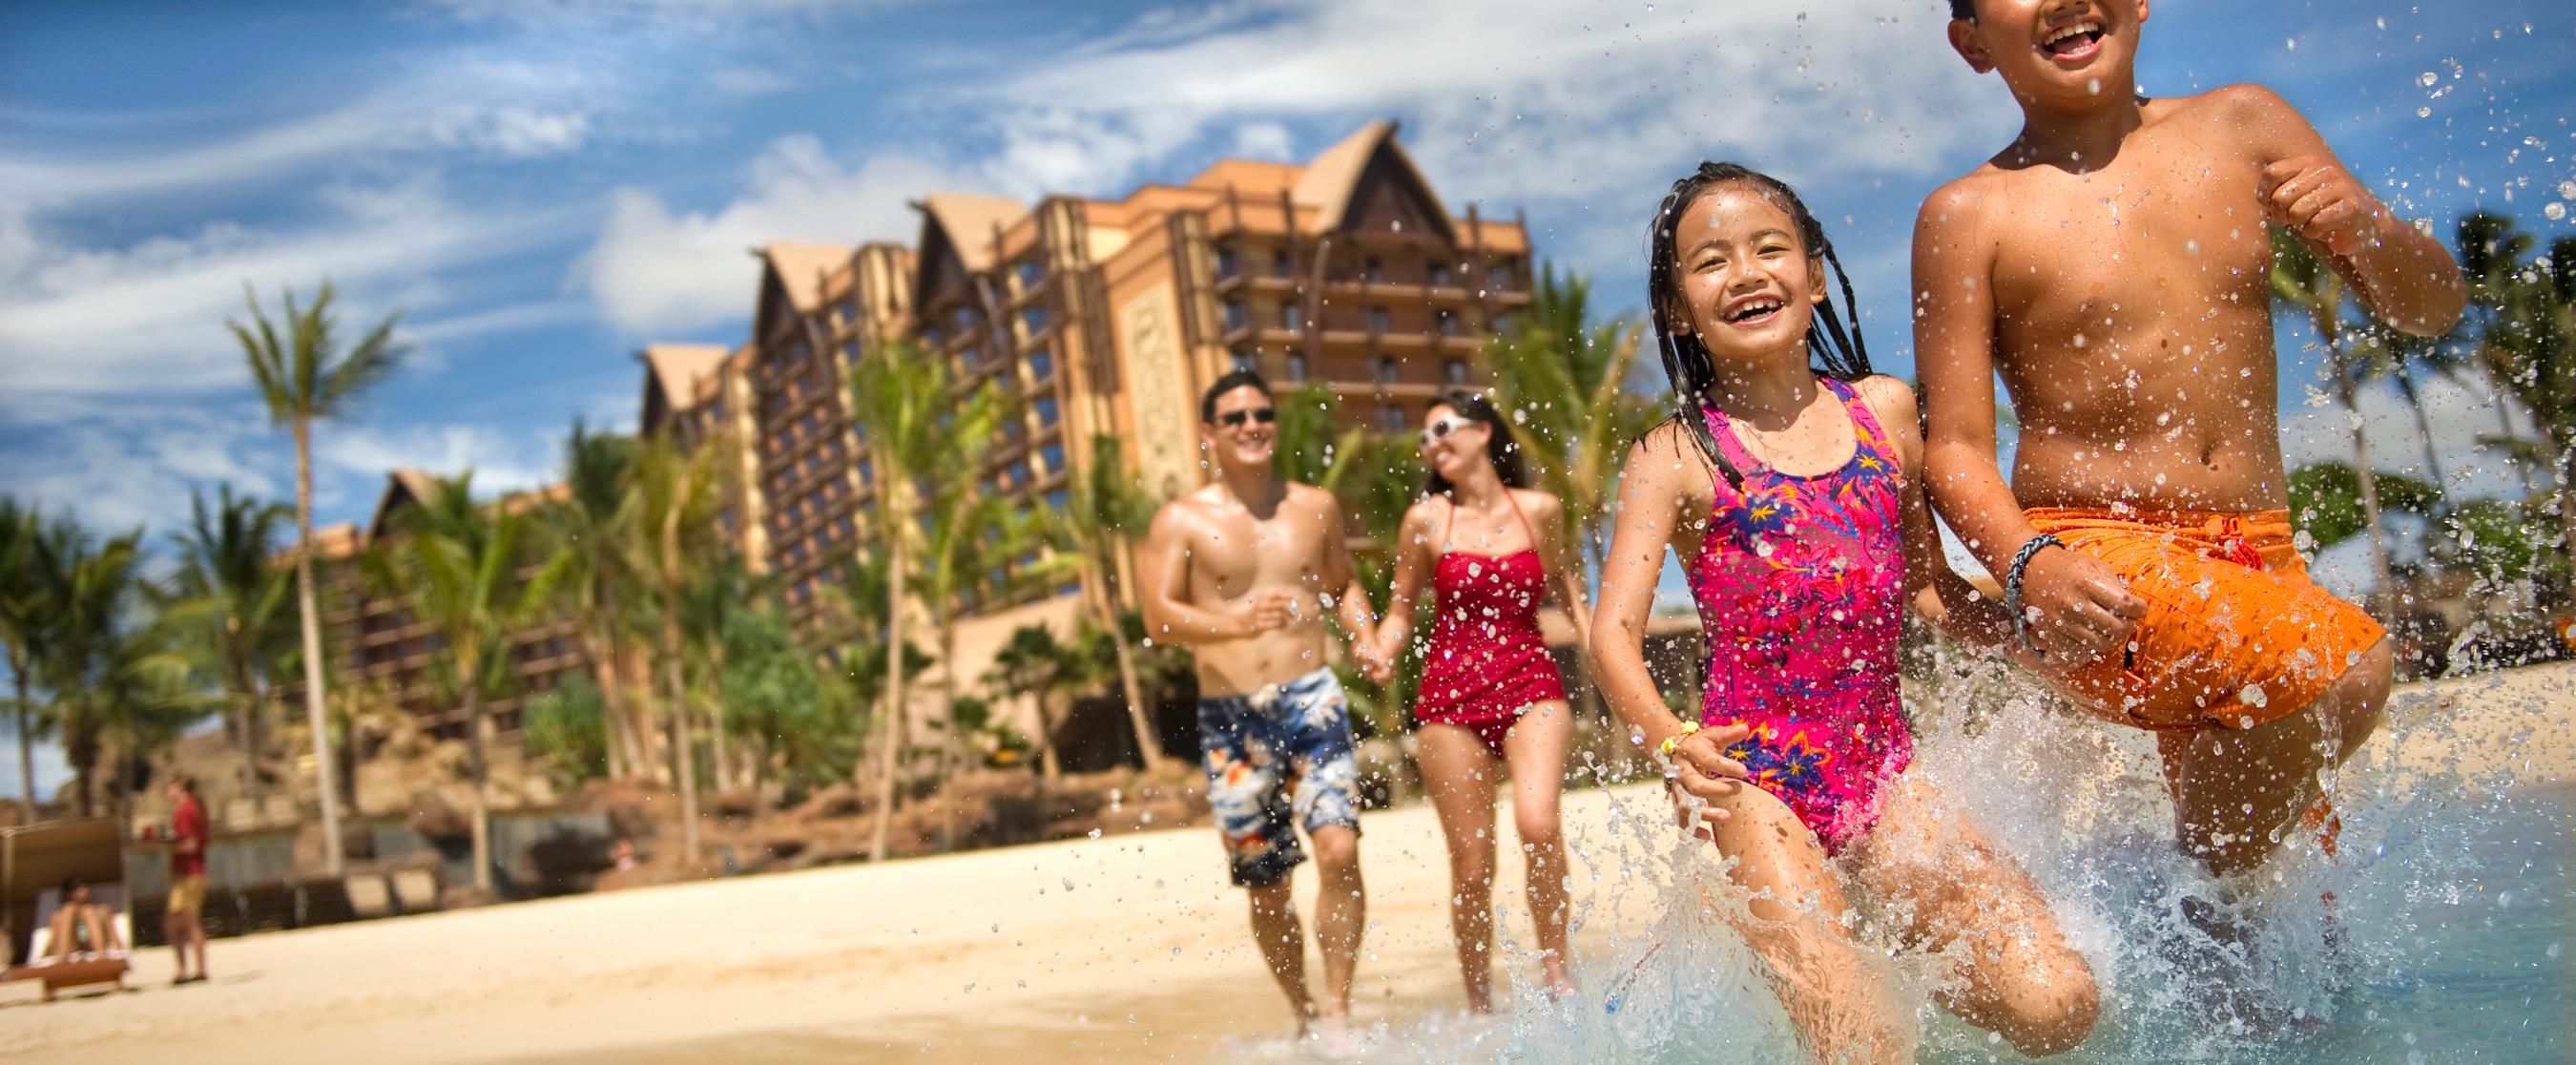 du-lich-gan-ha-noi-family-resort